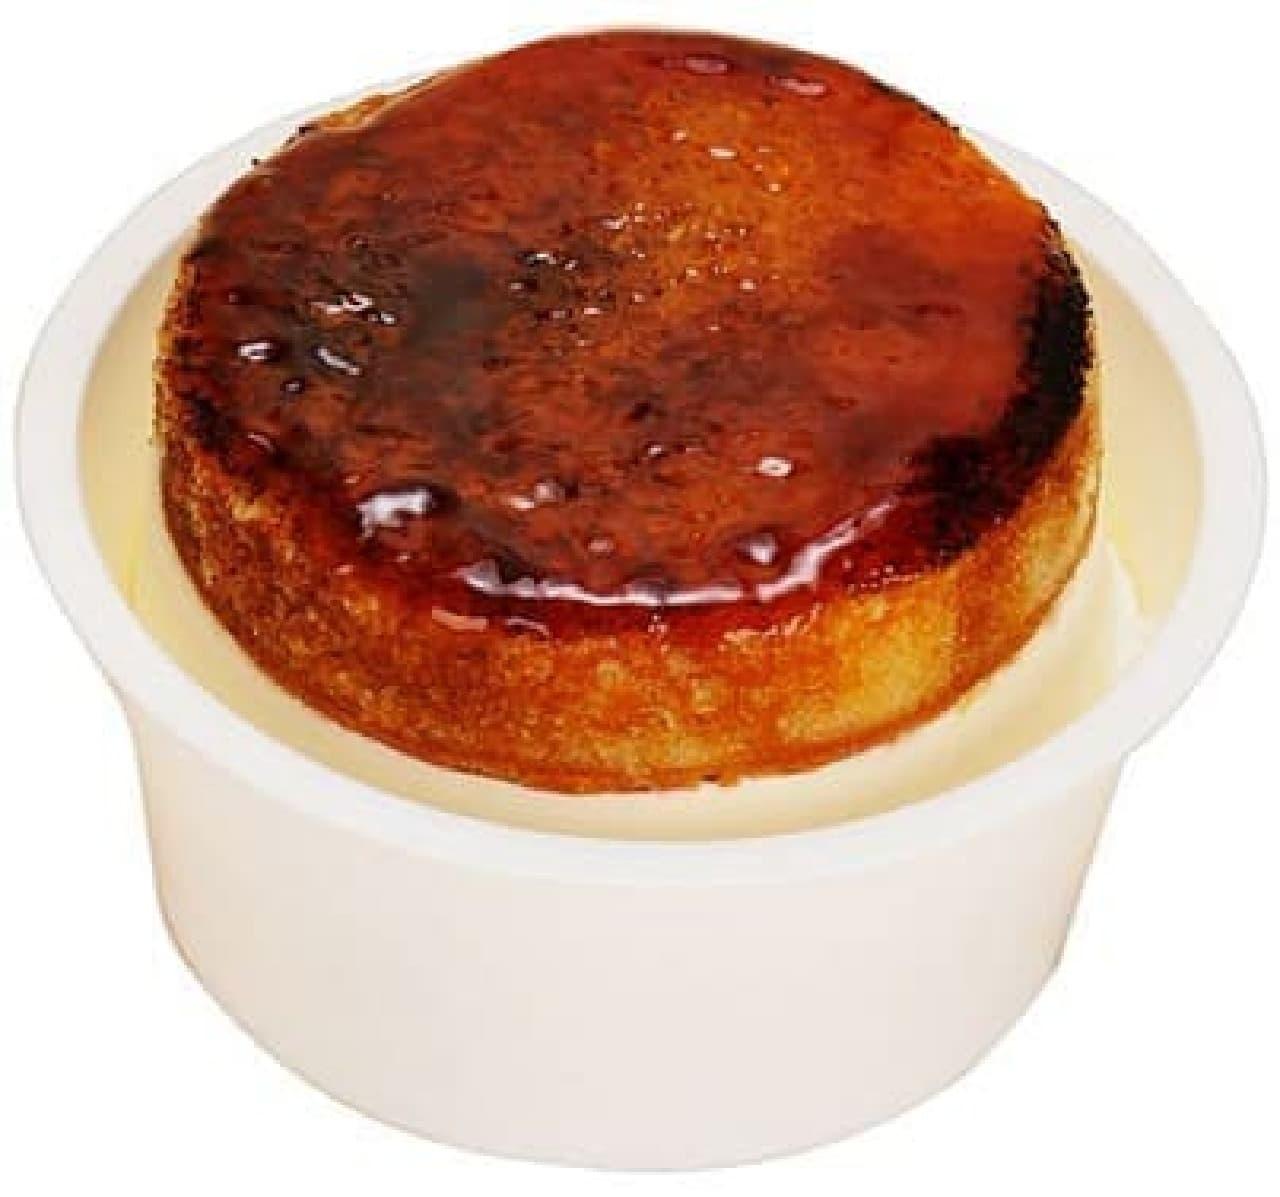 ファミリーマート「ブリュレチーズケーキ」